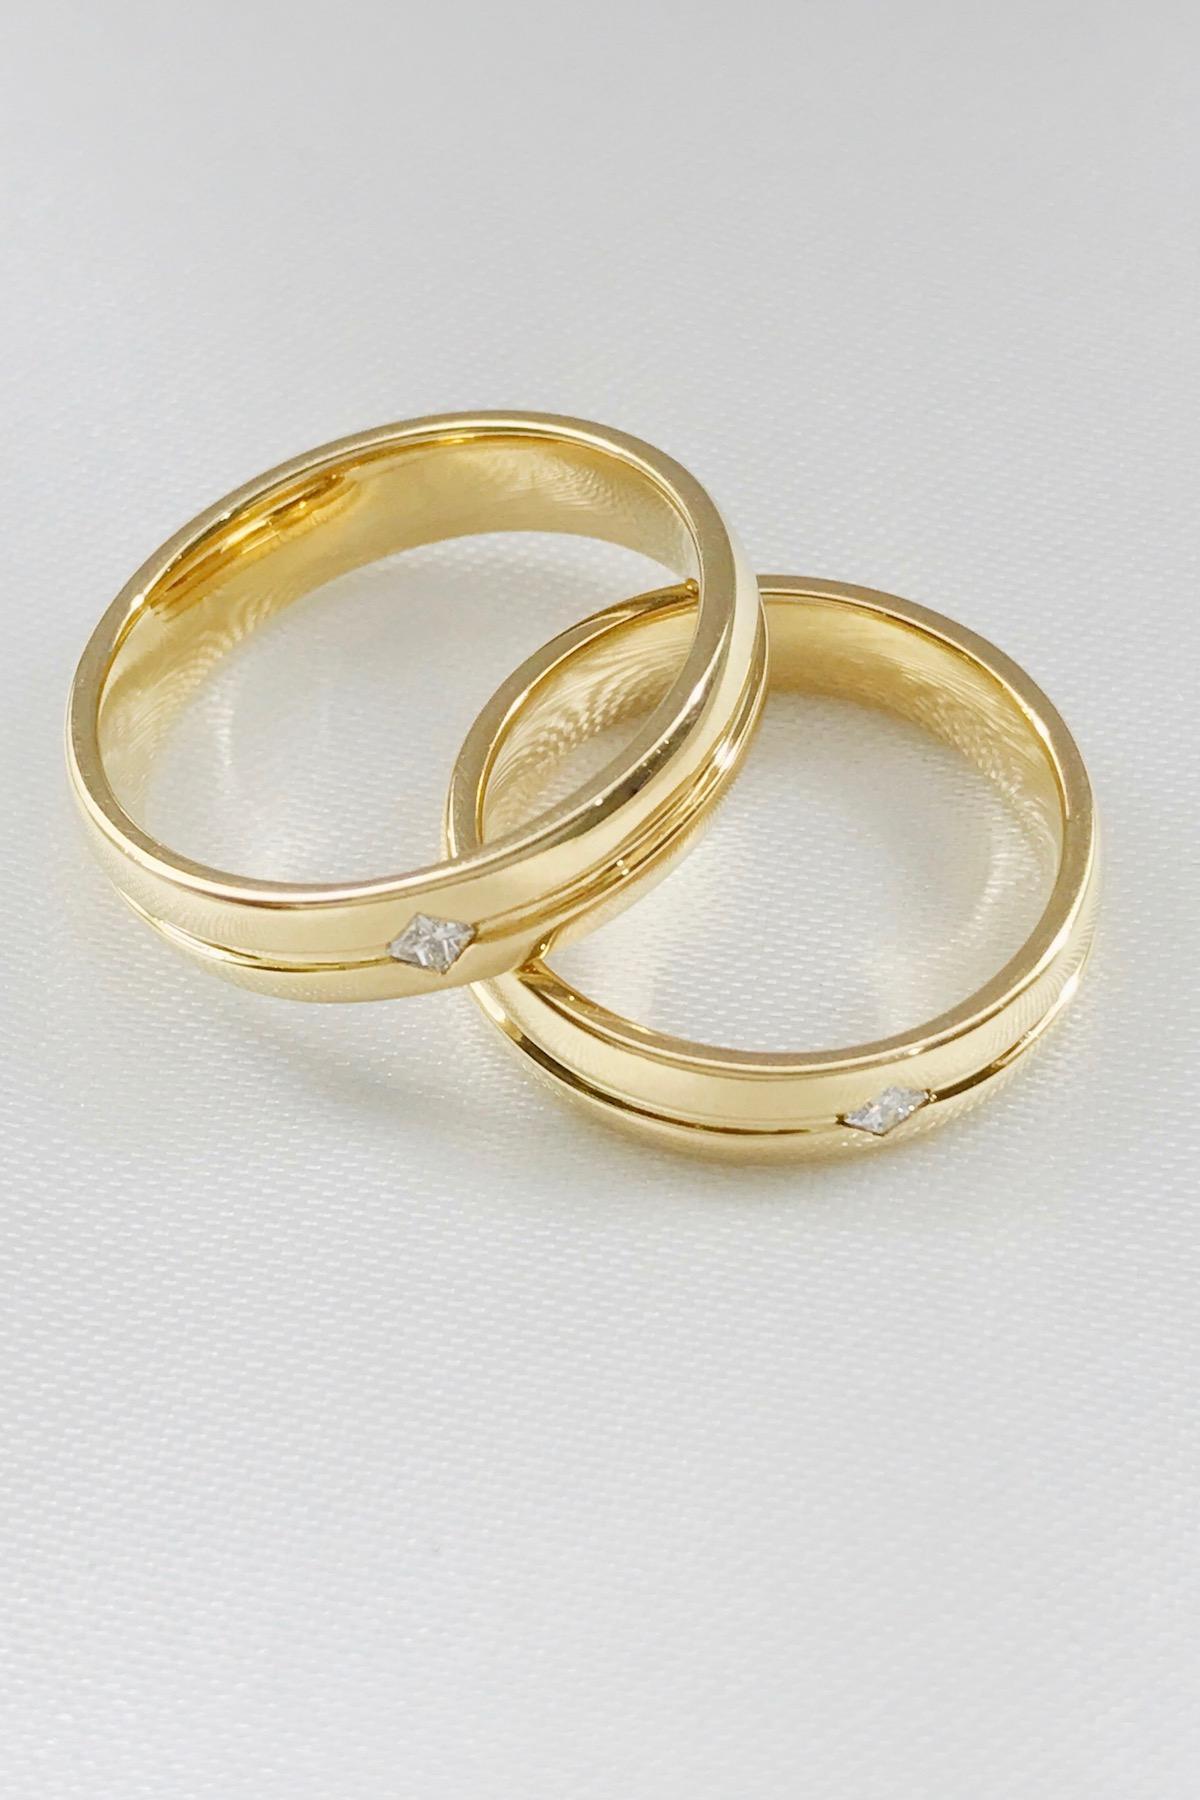 14k Yellow Gold Wedding Rings